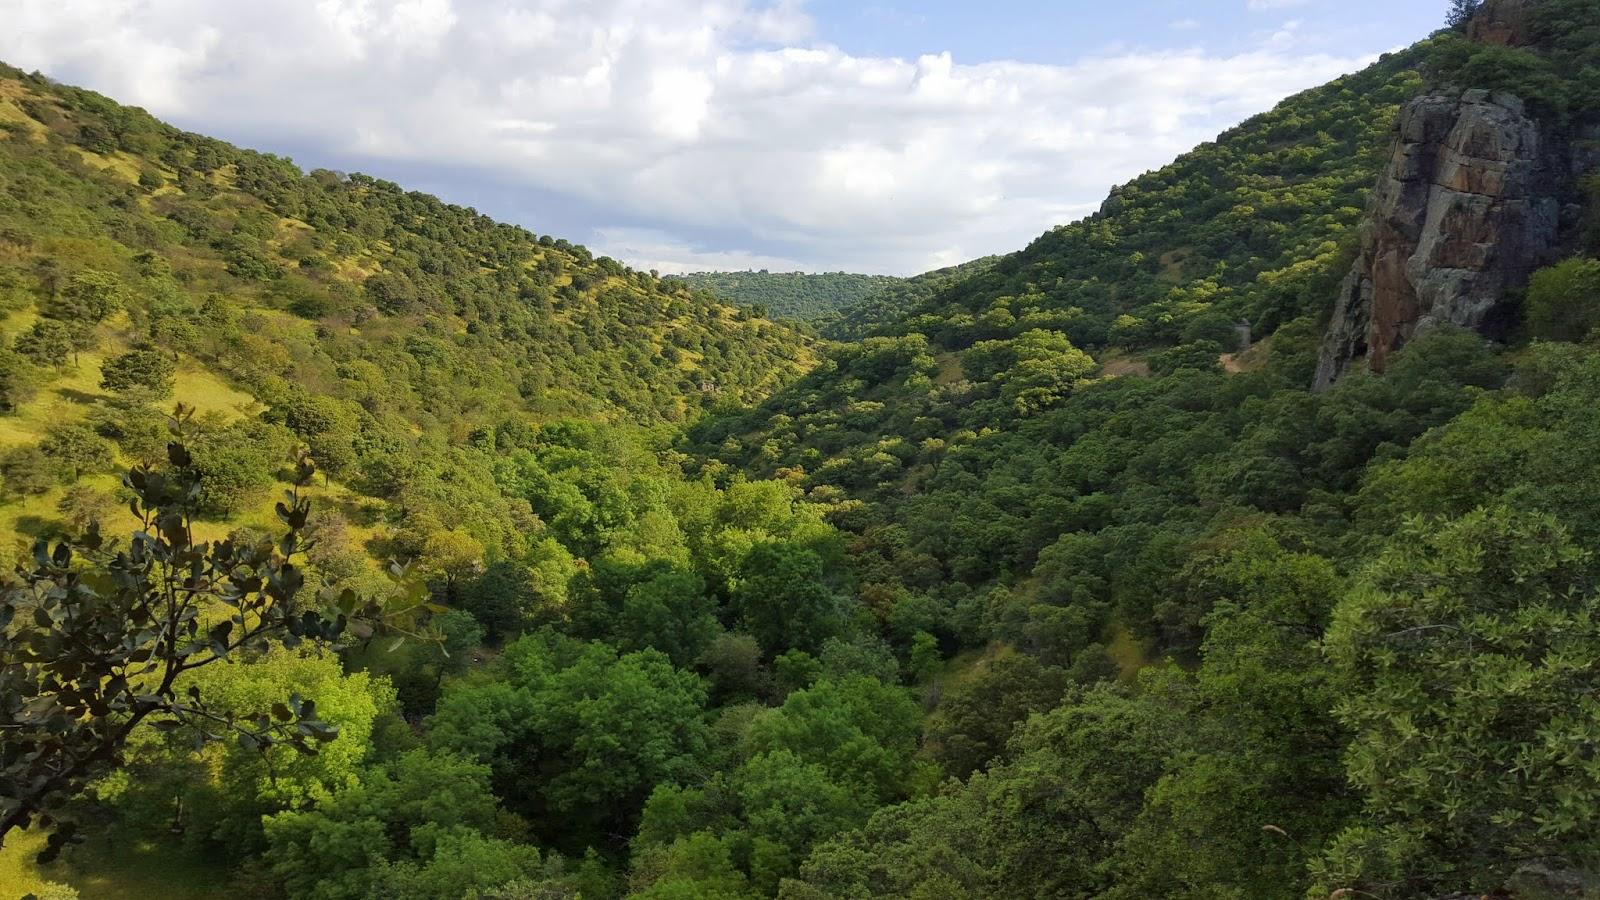 Cañon del río Guadalix